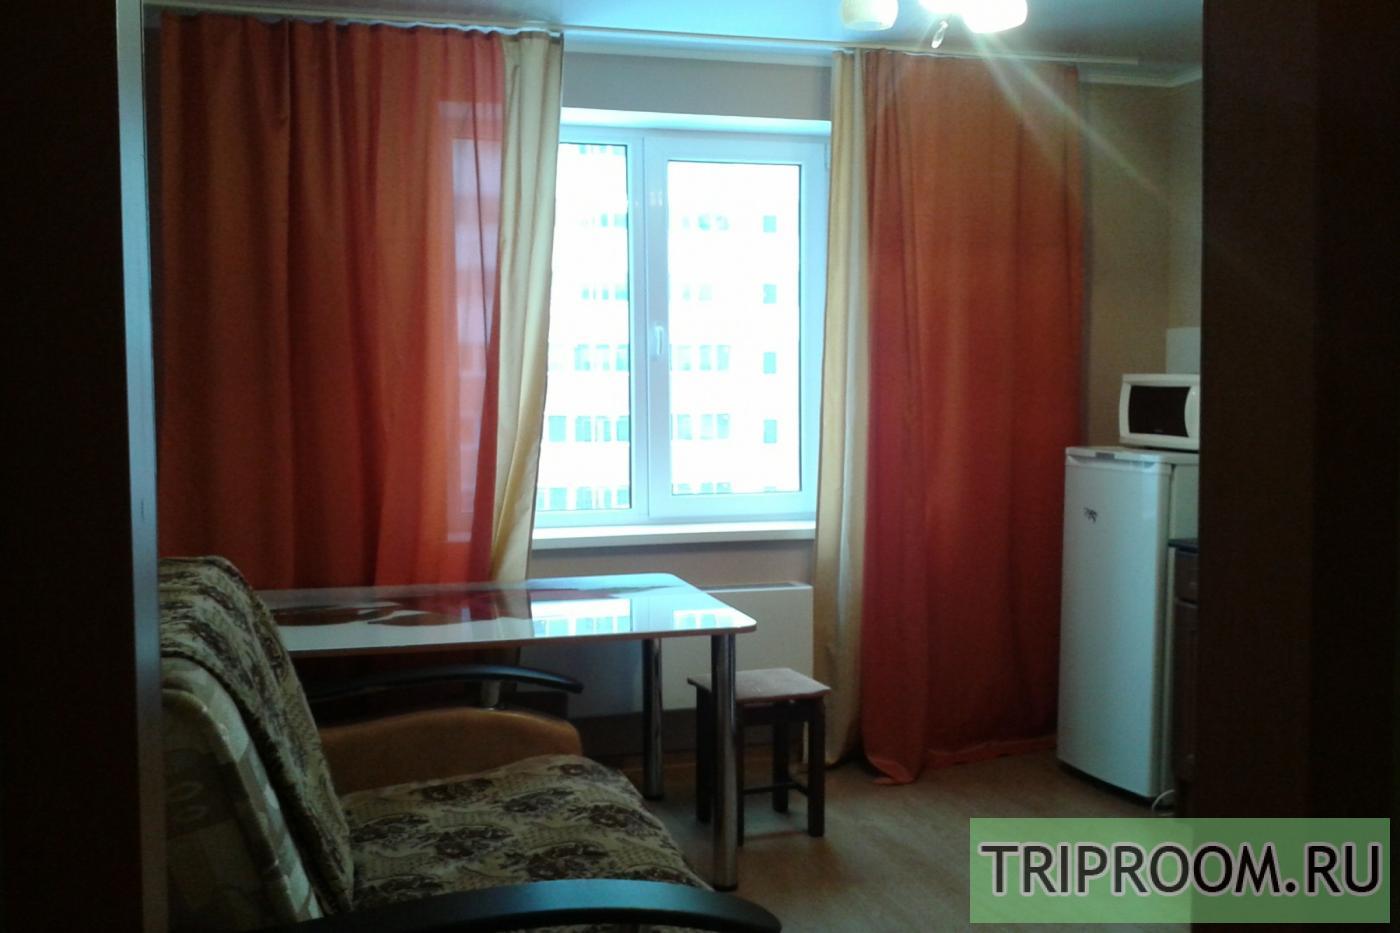 2-комнатная квартира посуточно (вариант № 36246), ул. Олимпийский бульвар, фото № 5